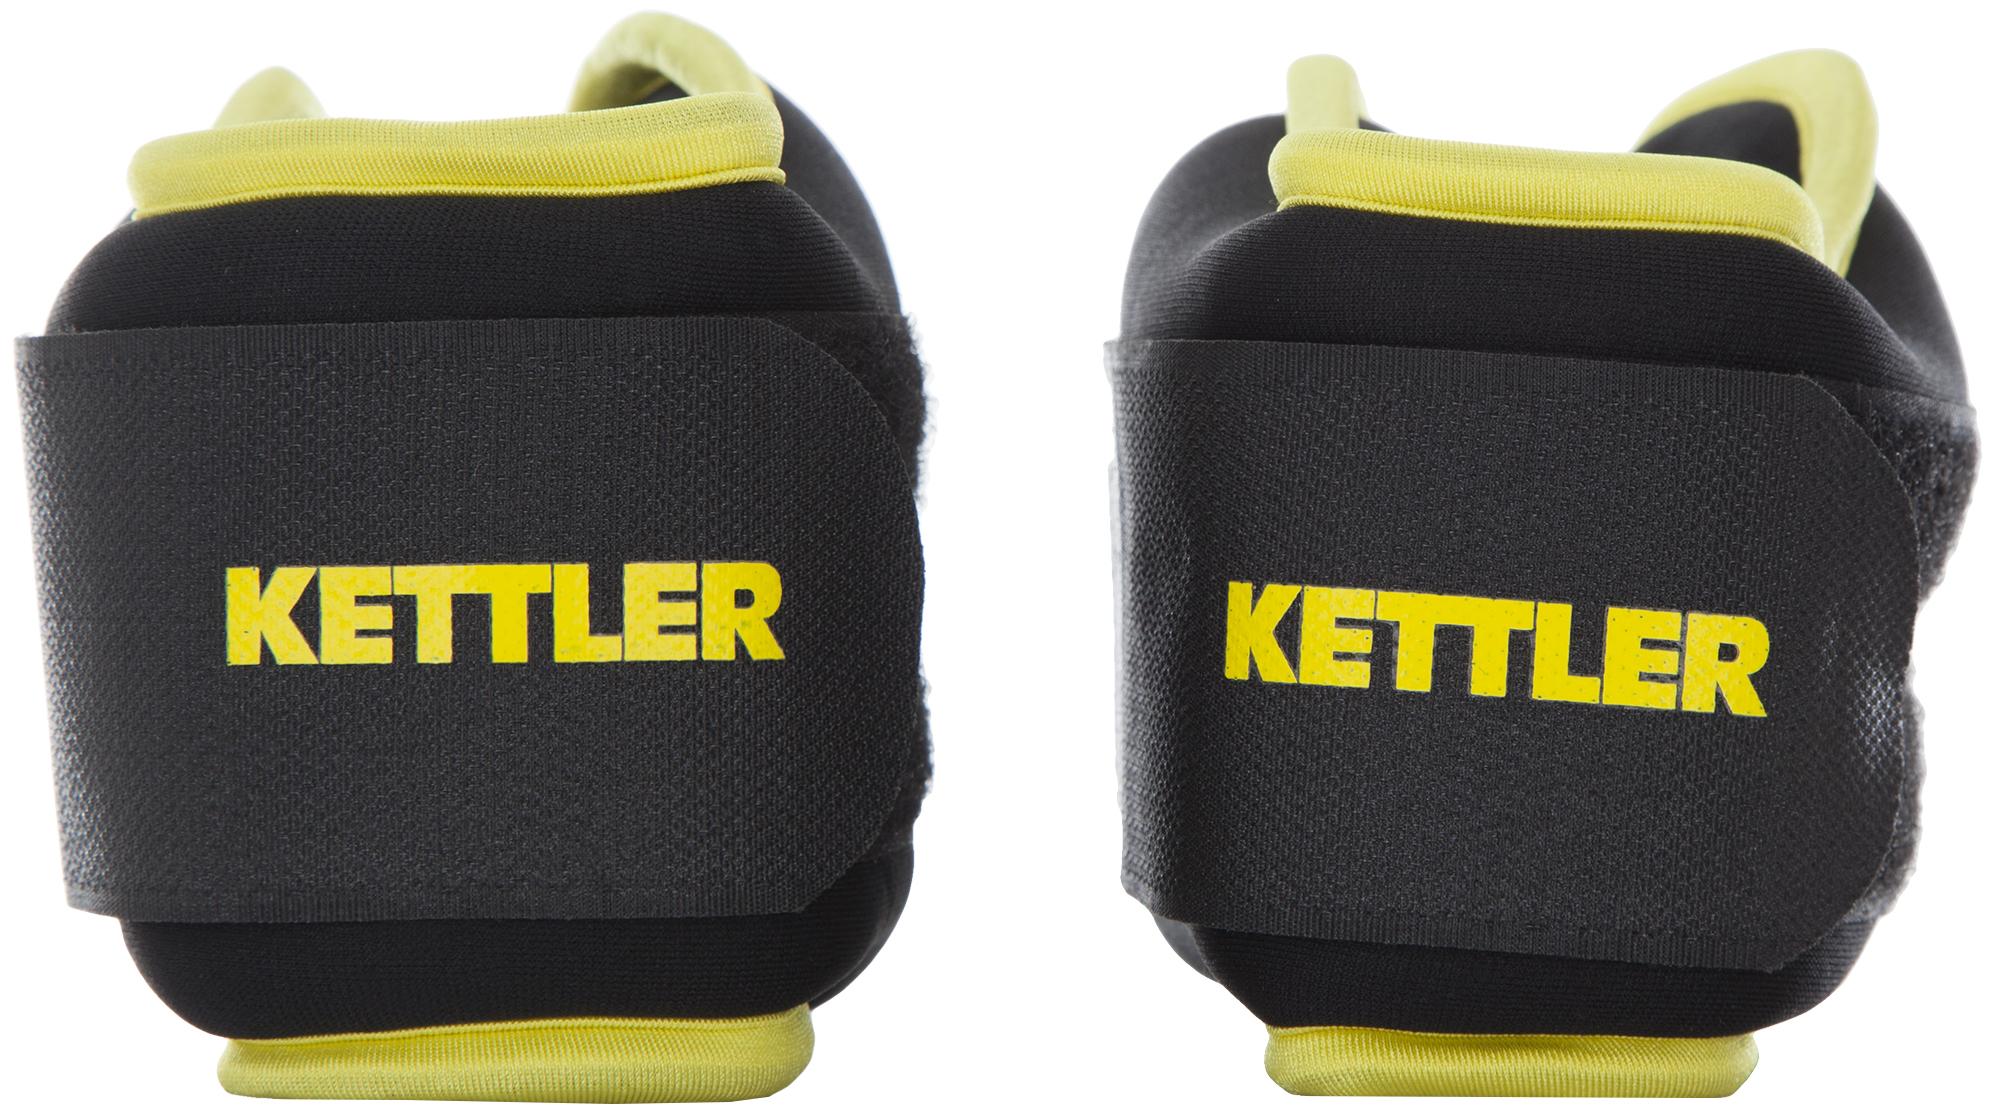 купить Kettler Утяжелители для рук Kettler, 2 х 1,5 кг недорого